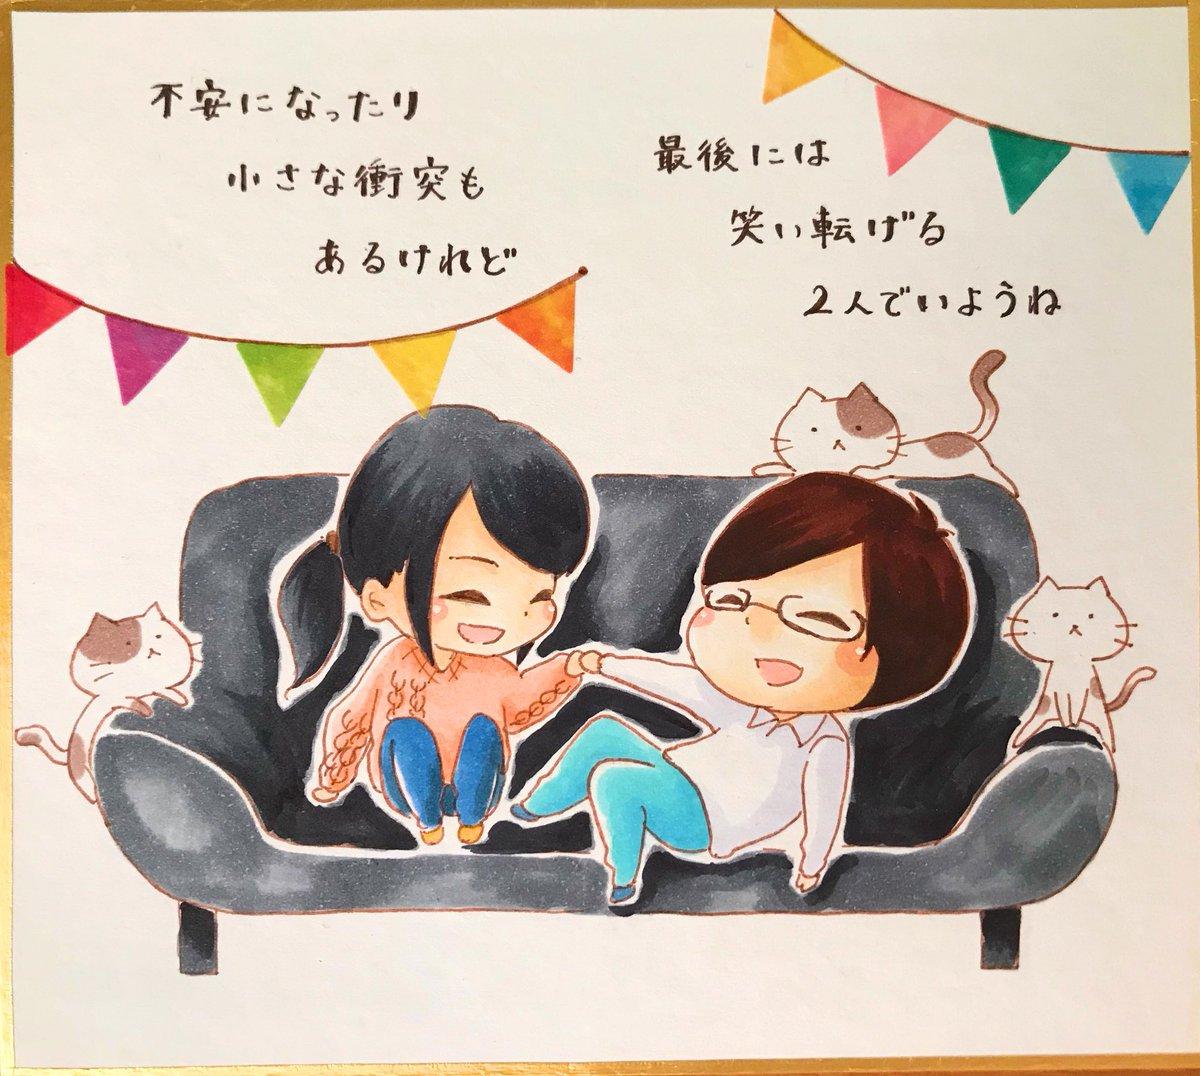 """namida.r on twitter: """"将来もずっと 笑い転げるような日常を😌 #似顔絵"""